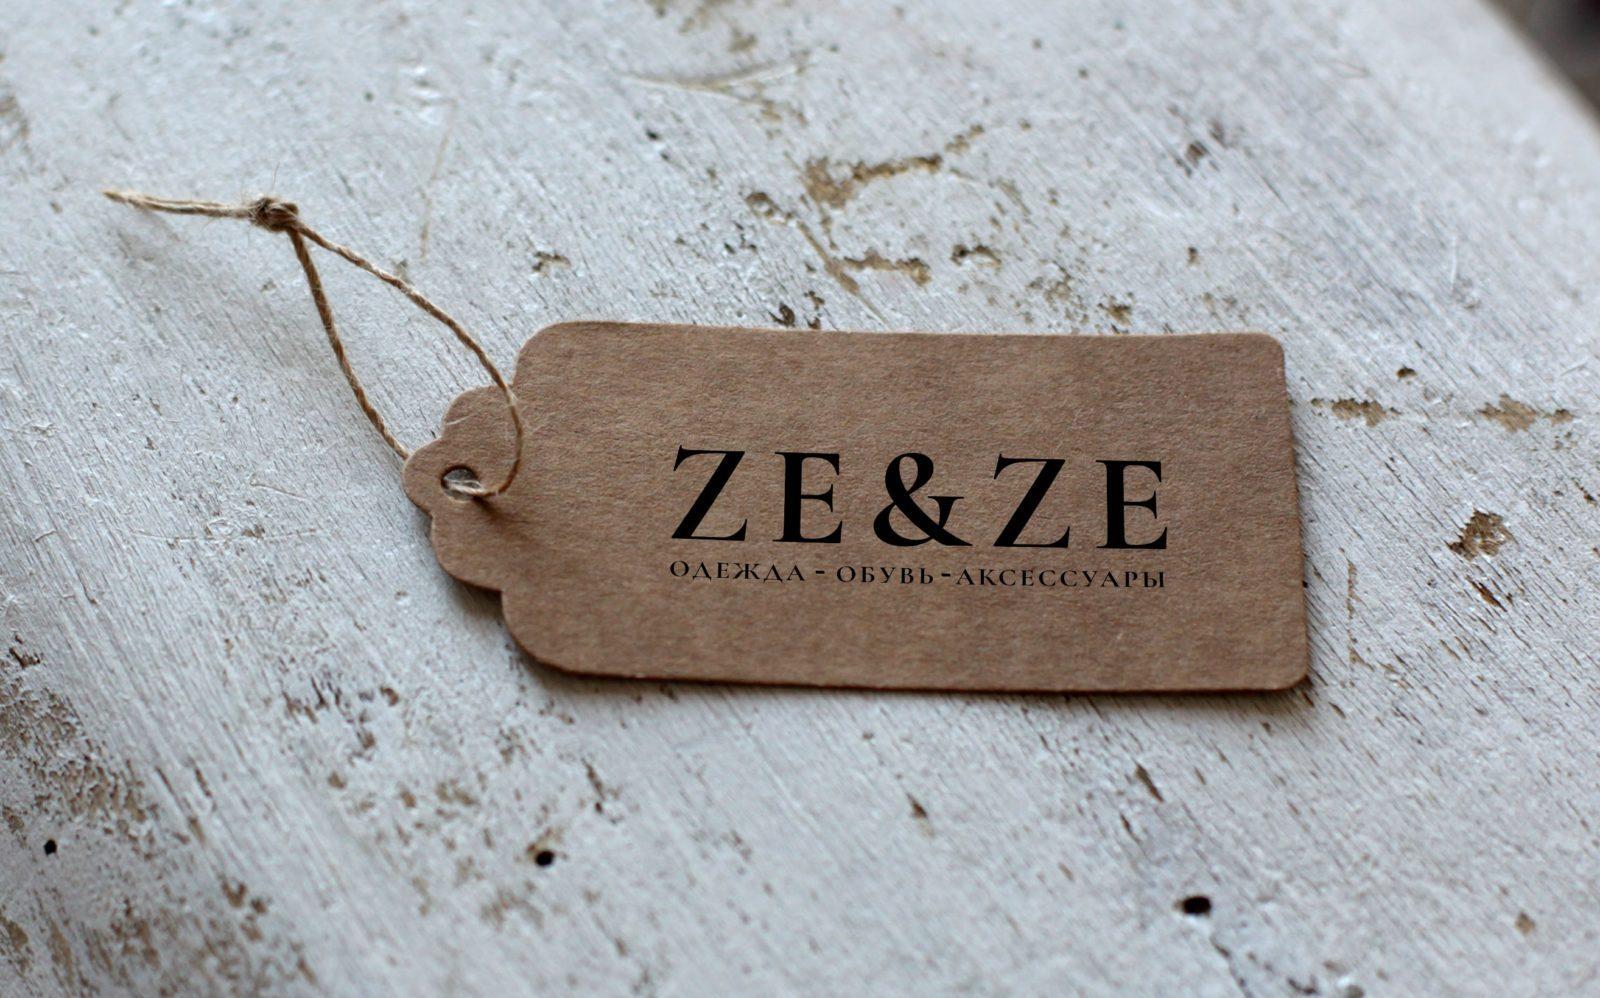 Логотип для магазина одежды на бирке